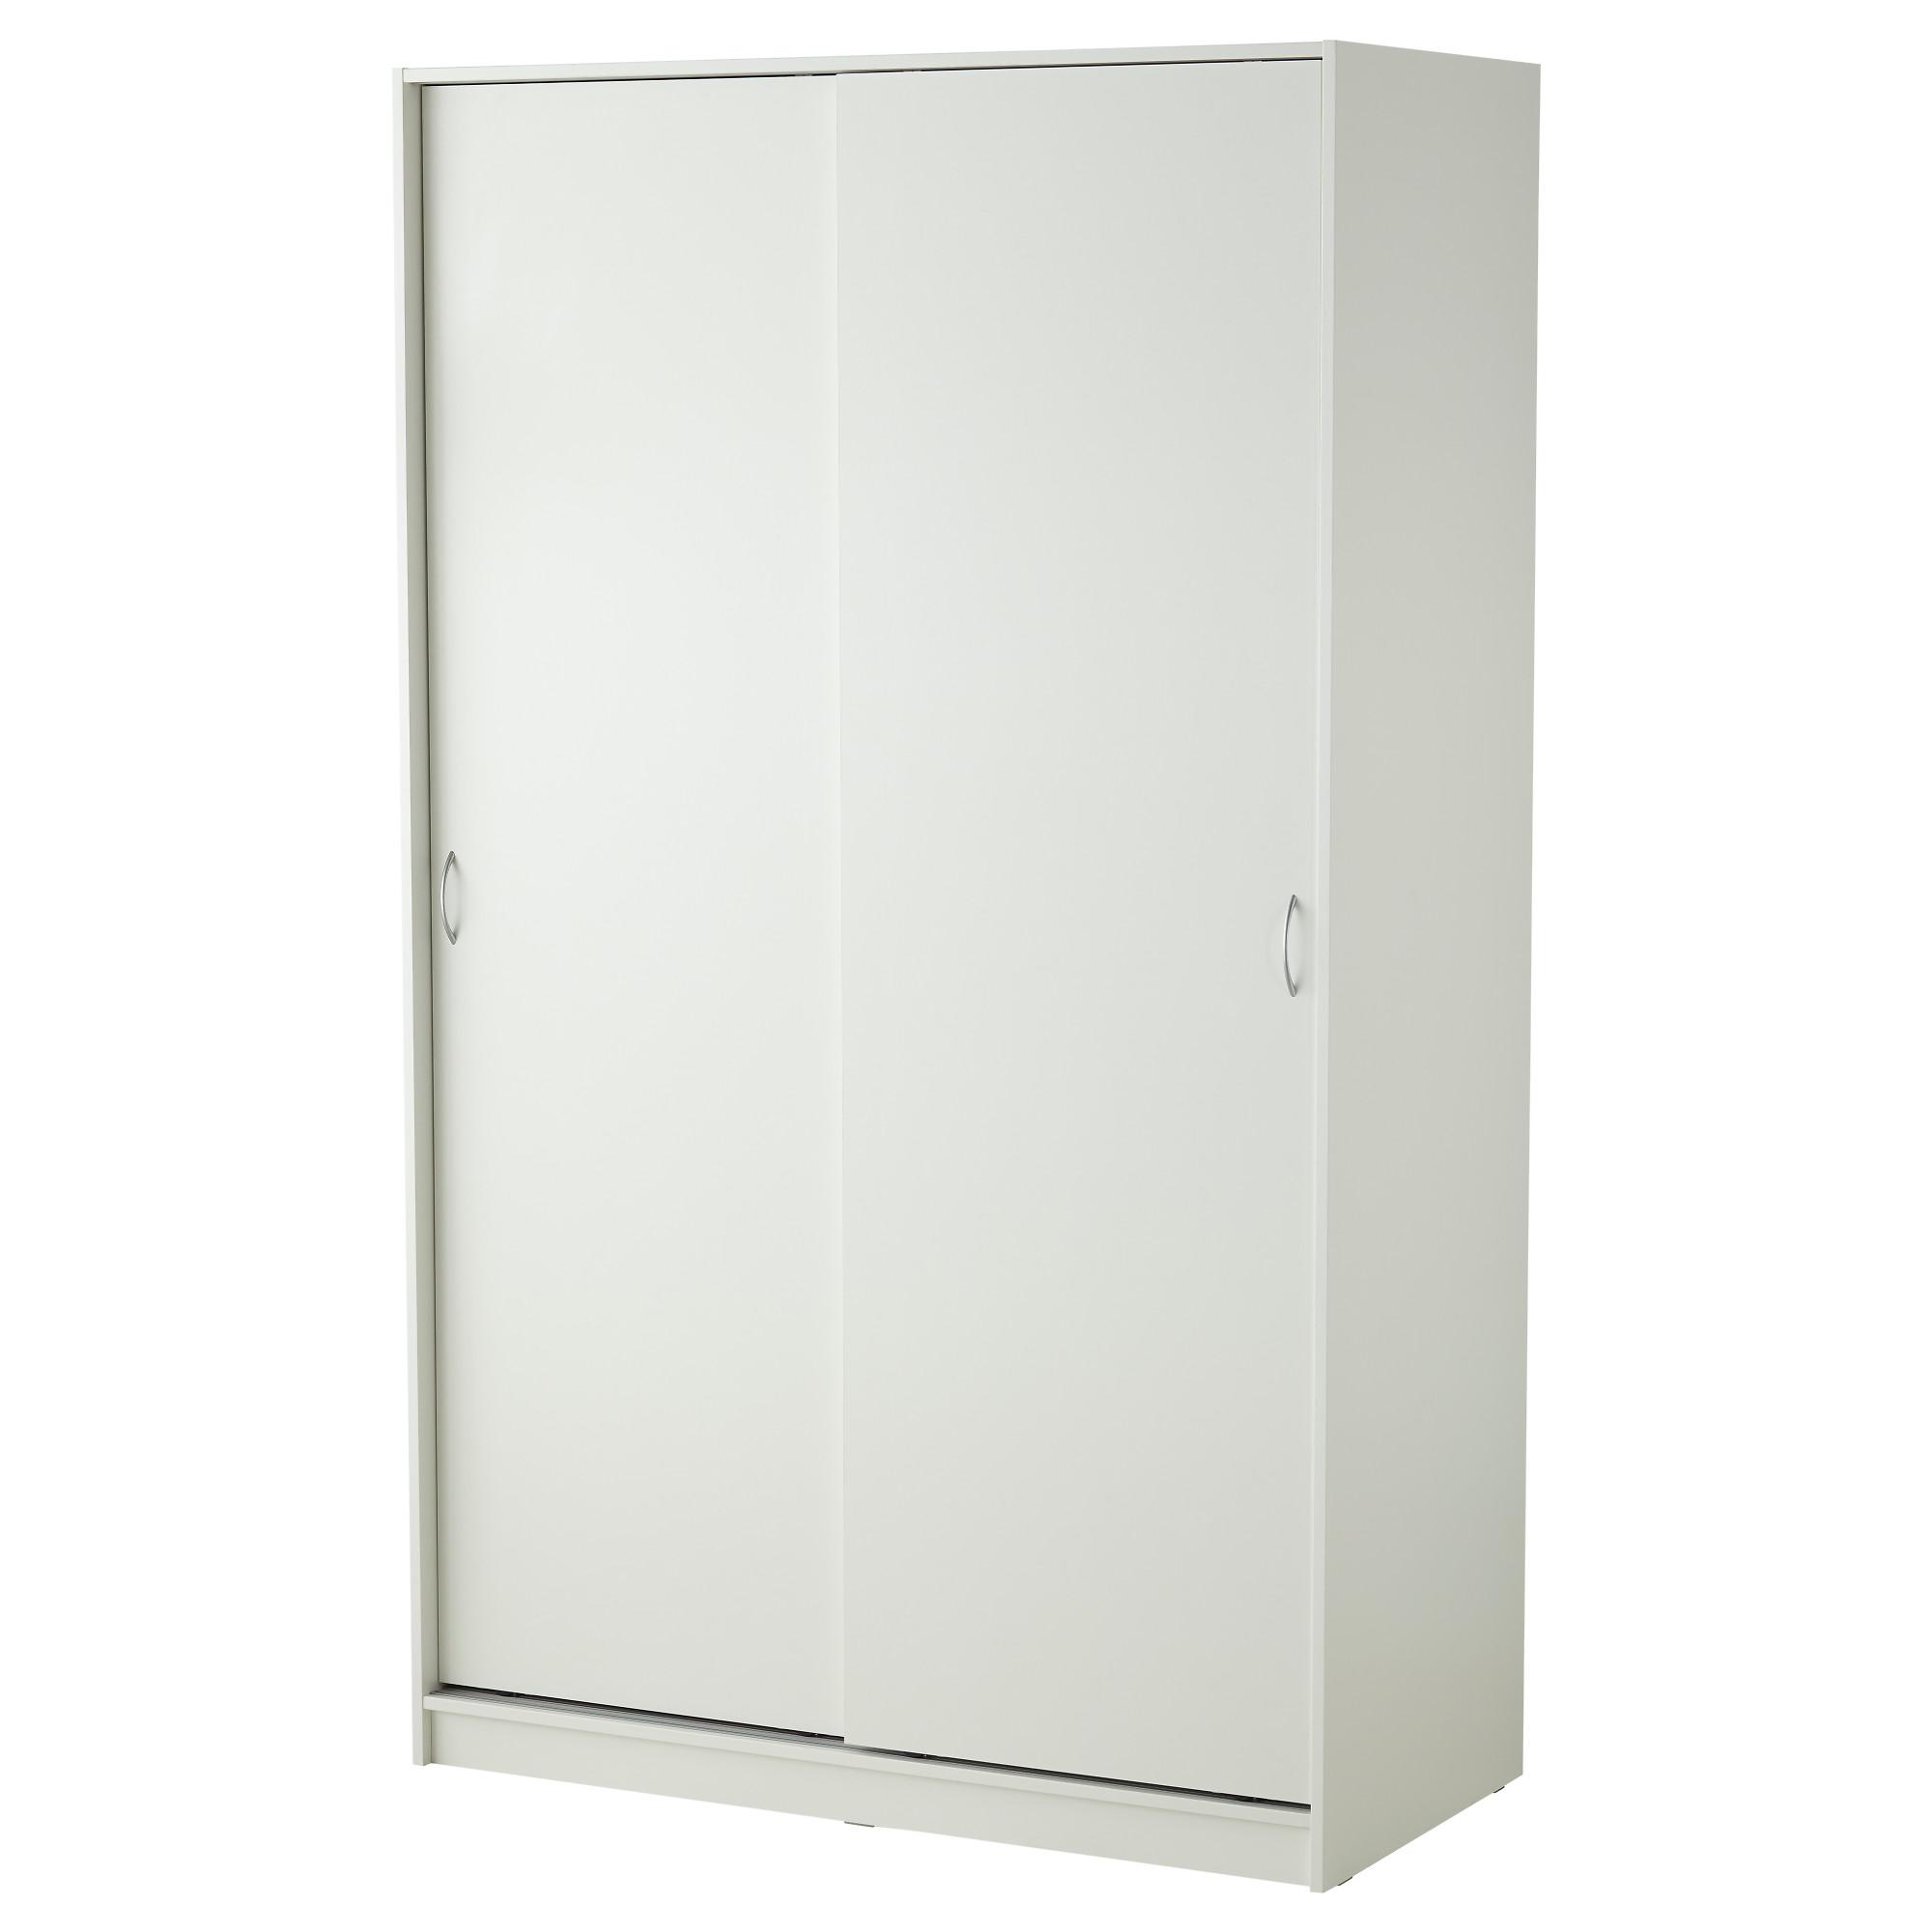 Установка дверей на шкаф купе икеа